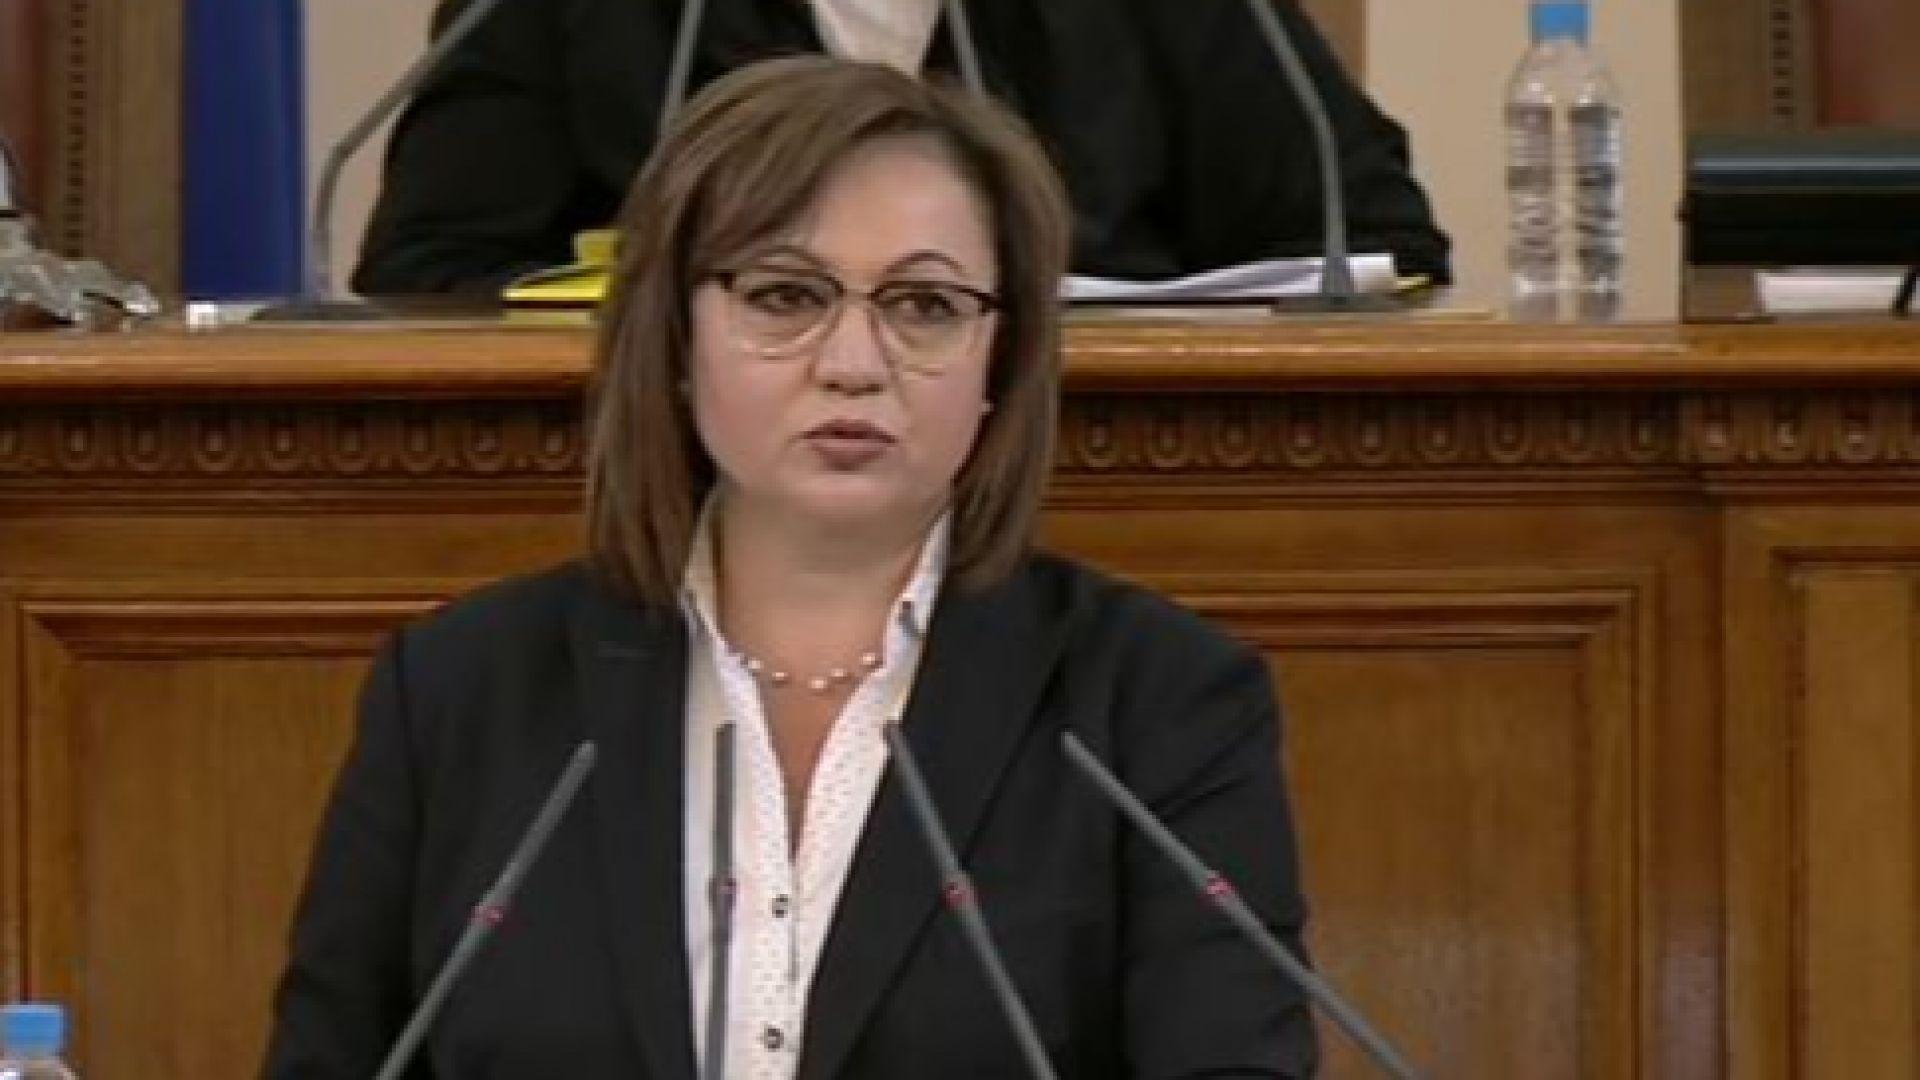 Корнелия Нинова: Бихме подкрепили правителство на втората политическа сила